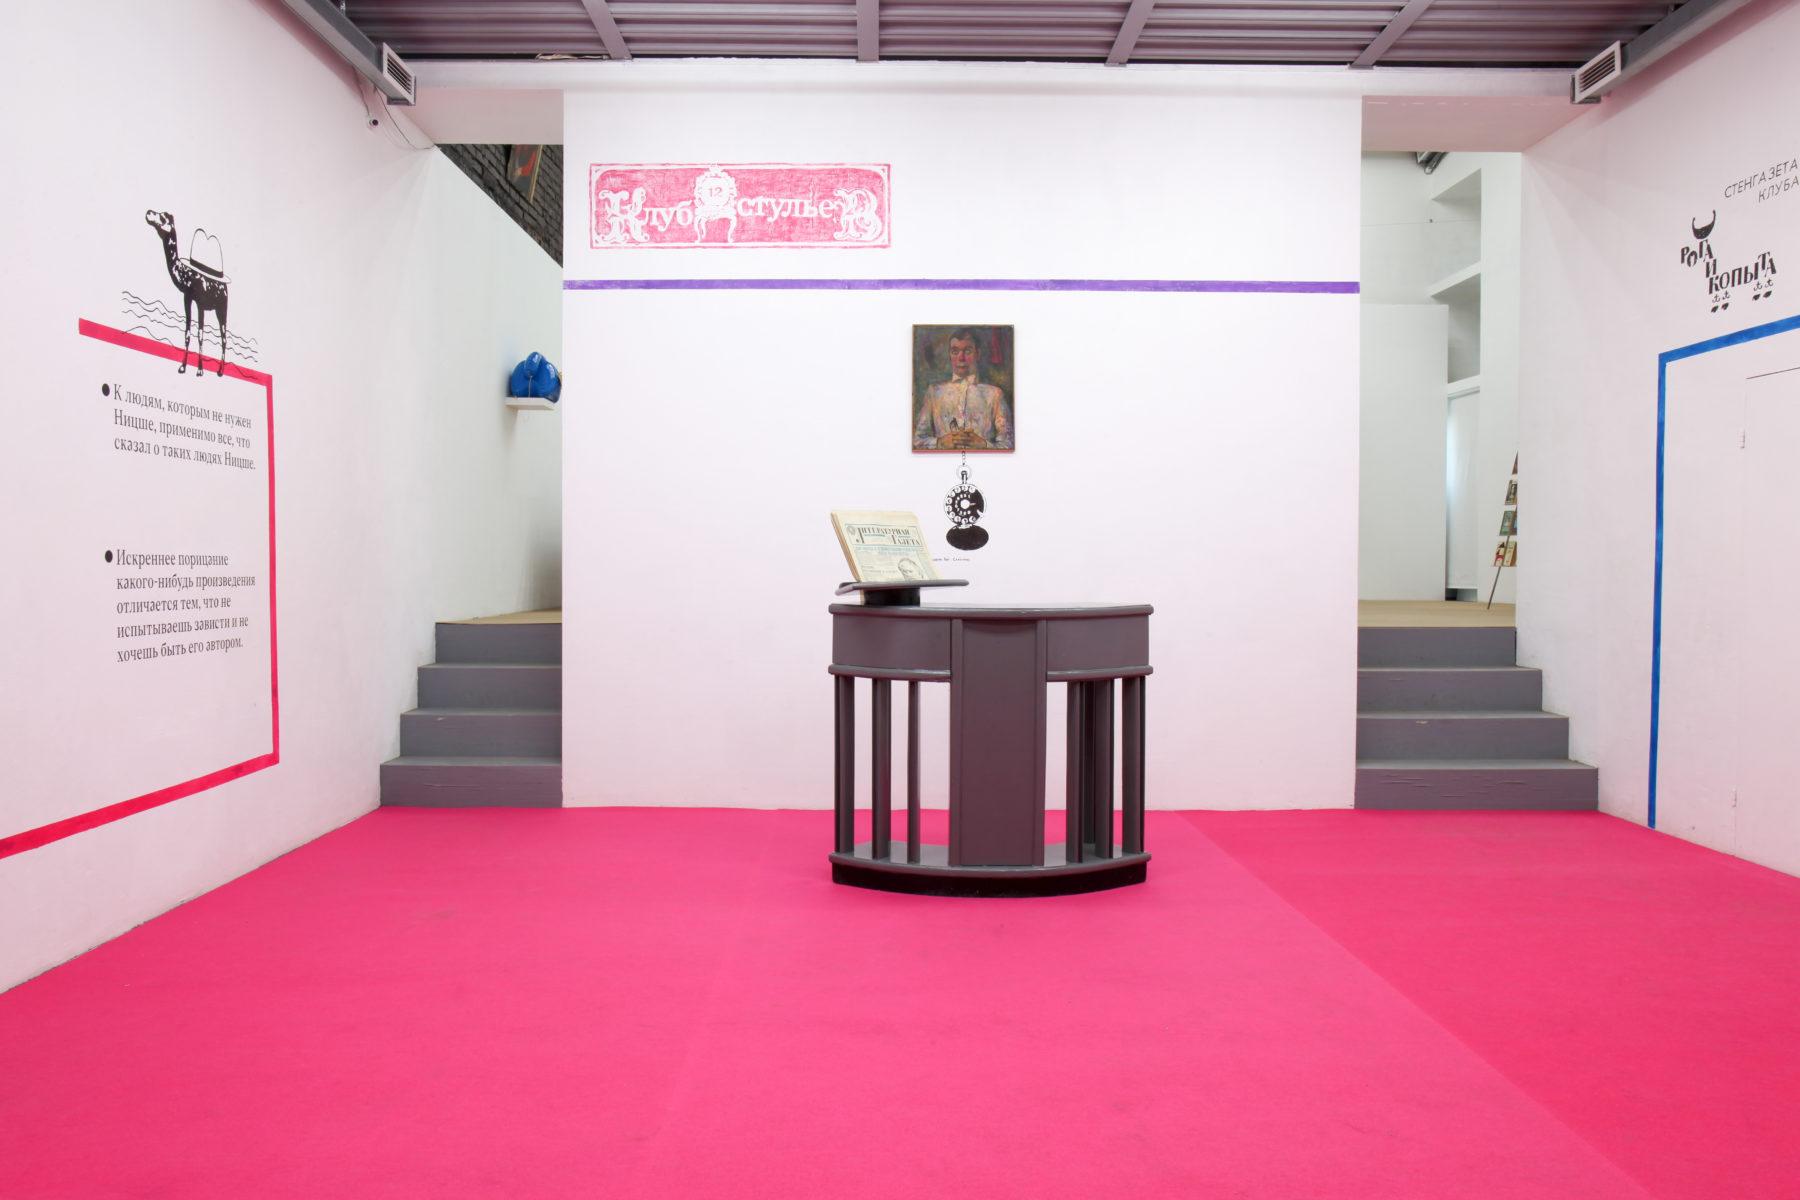 Вид экспозиции выставки Яна Гинзбурга «СОВПИС» 16 апреля — 26 мая 2019 @ Osnova